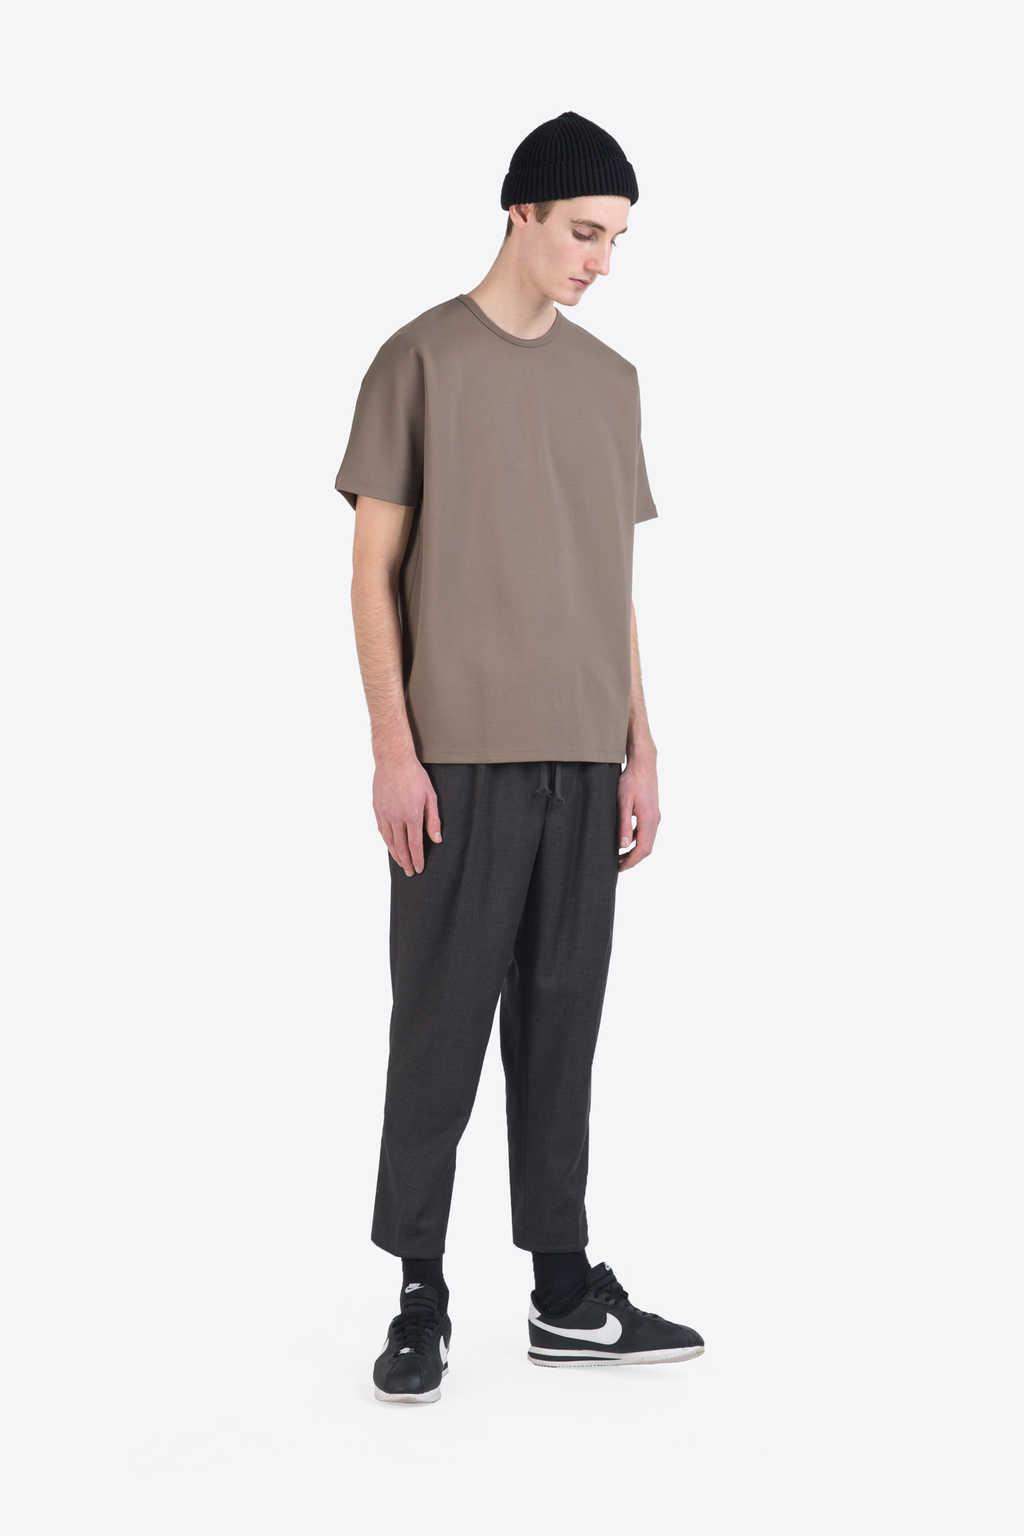 T Shirt 1204 Olive 1